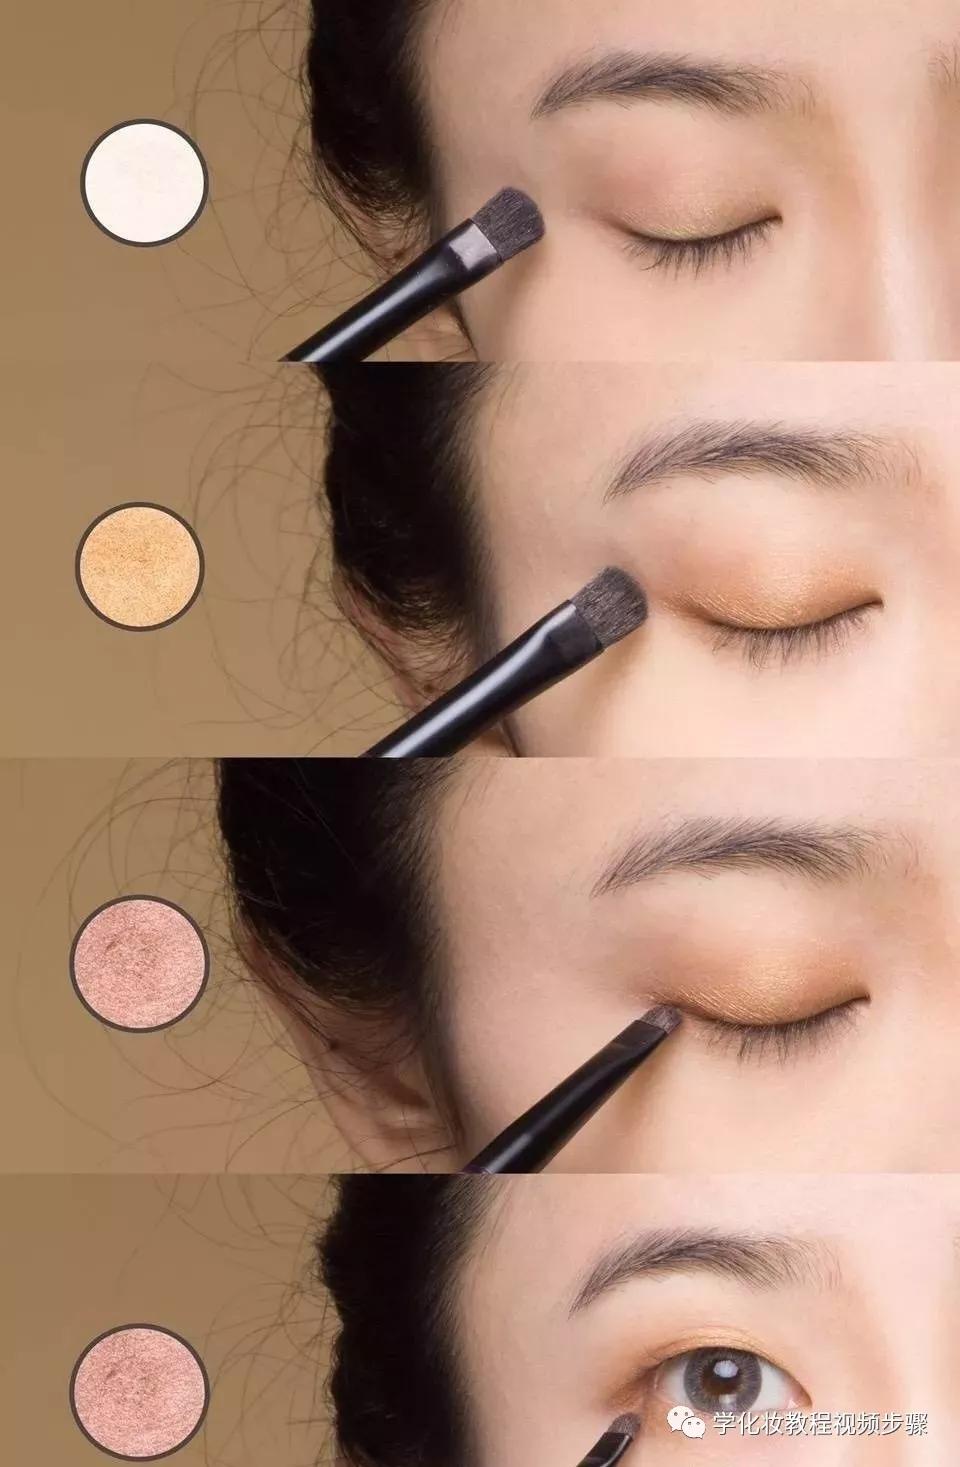 焦糖色妆容,让面部轮廓更加立体